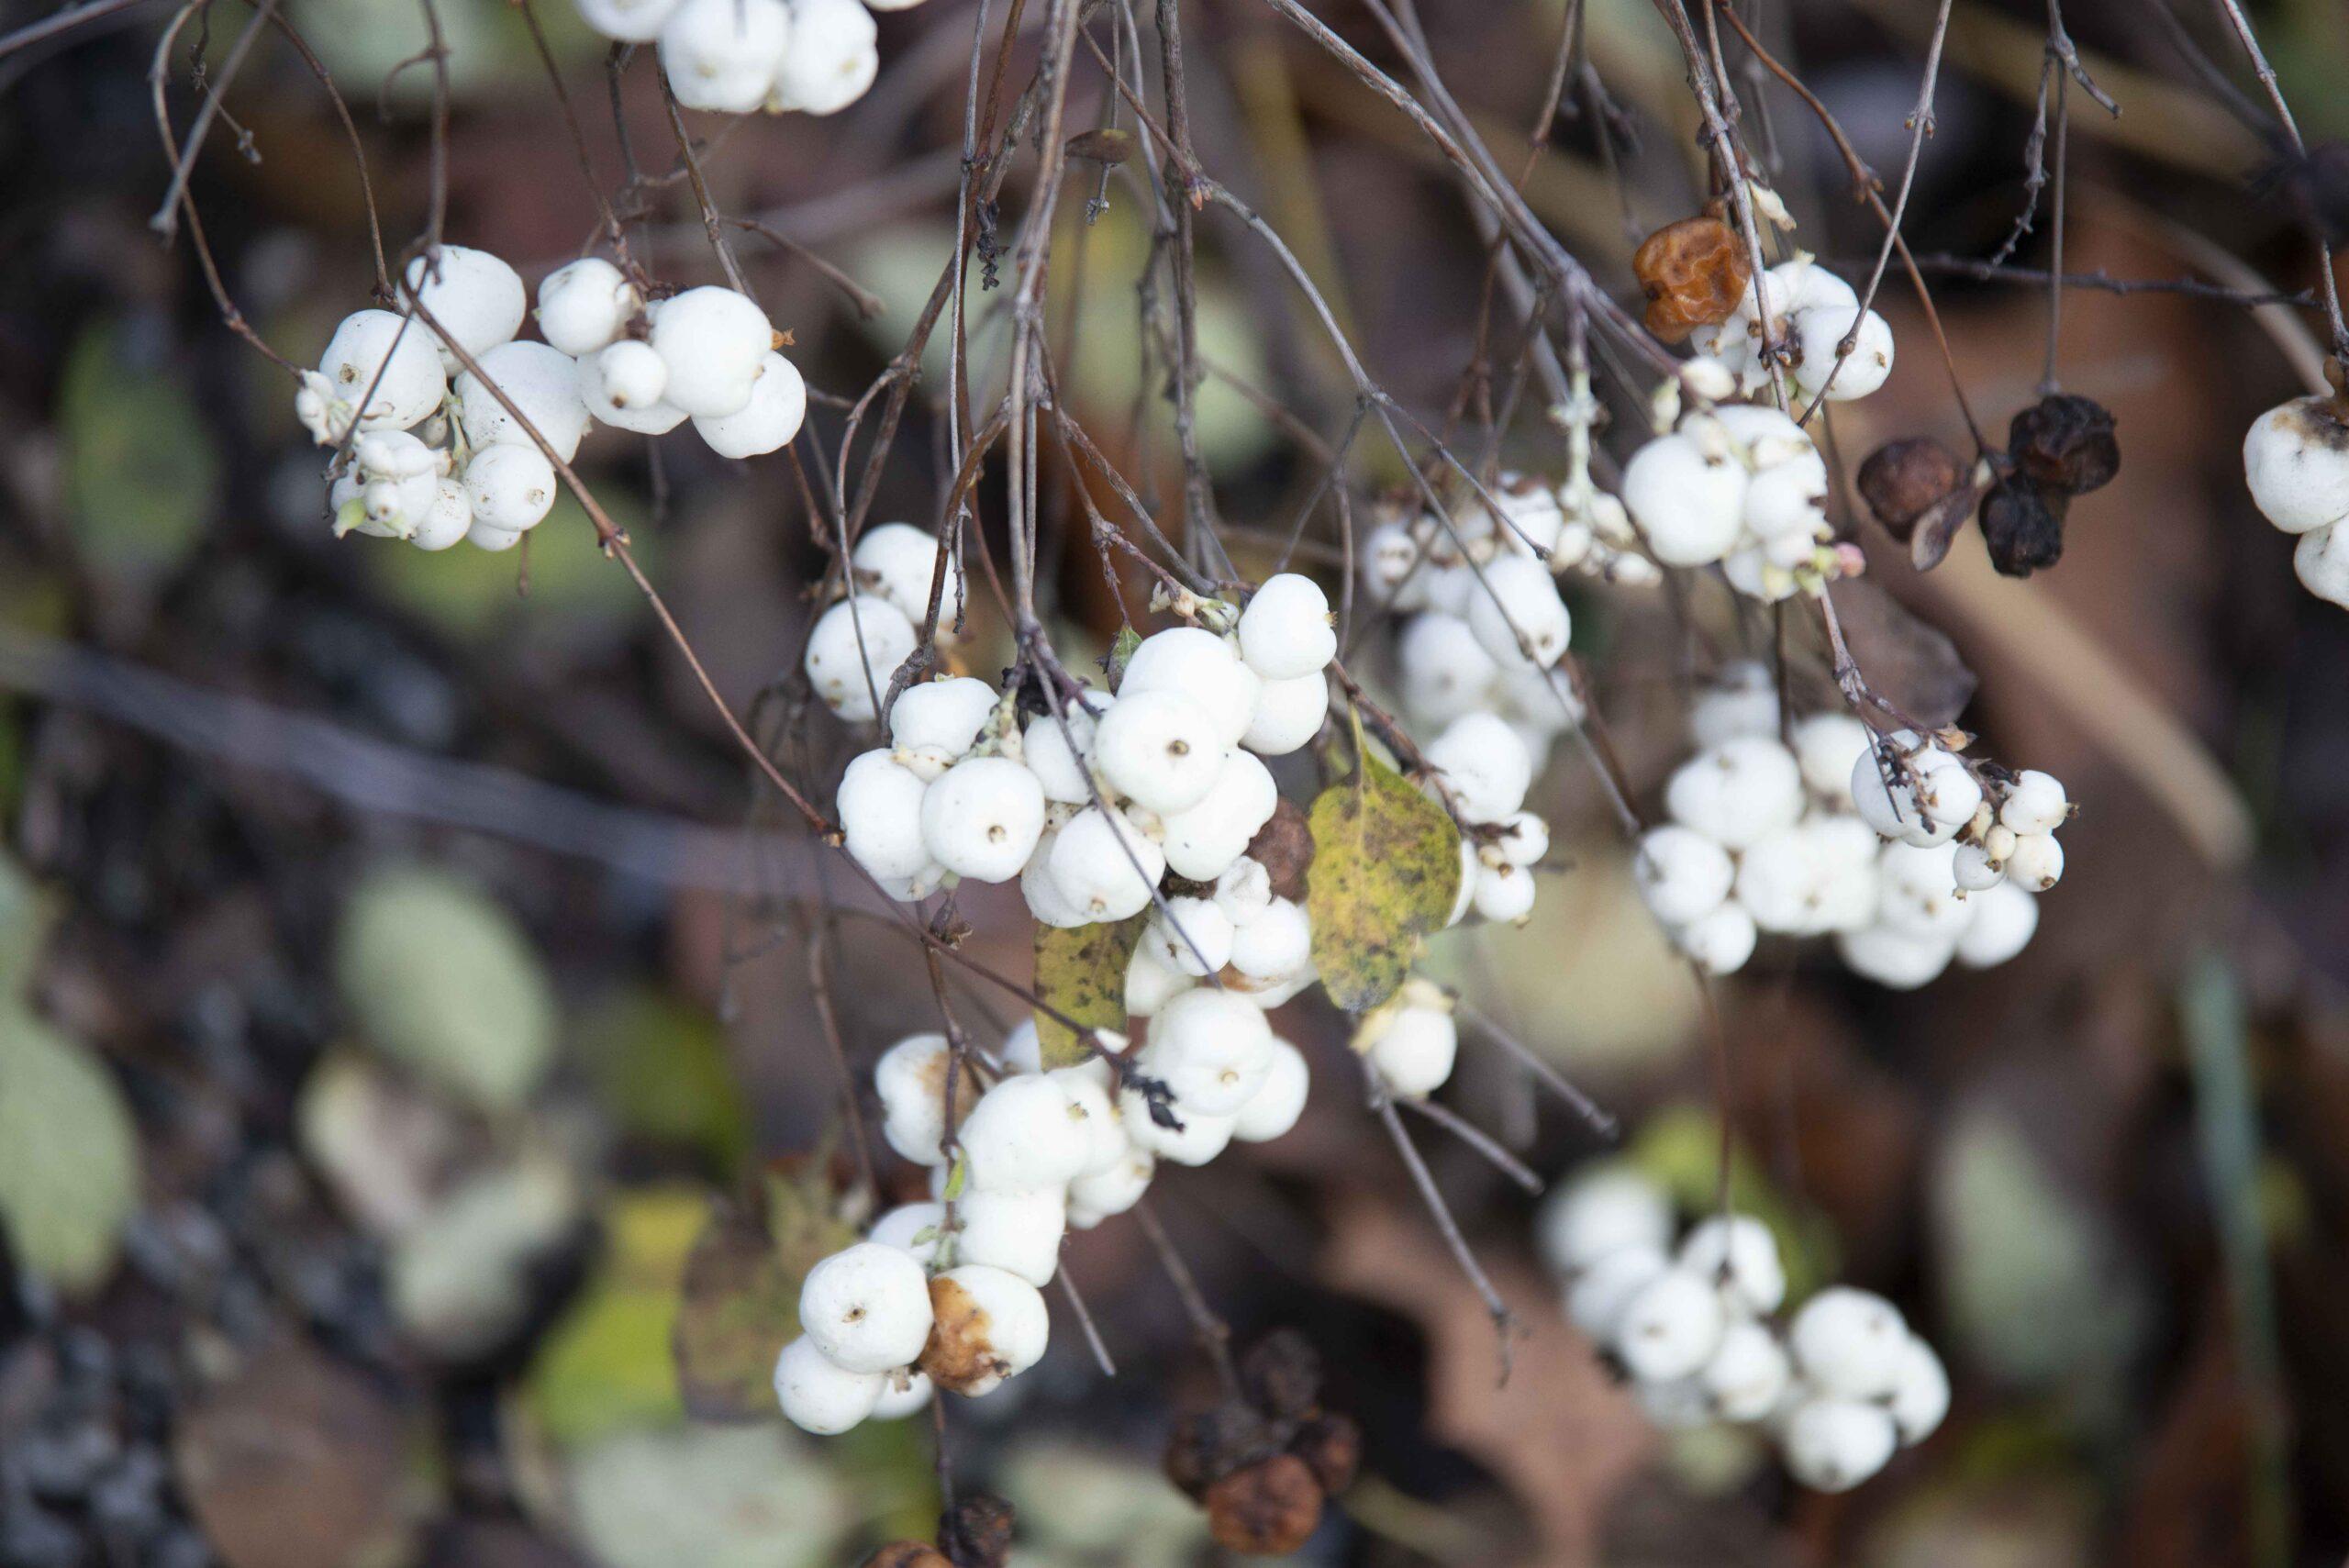 höstblomma-vita-bollar-på-buske